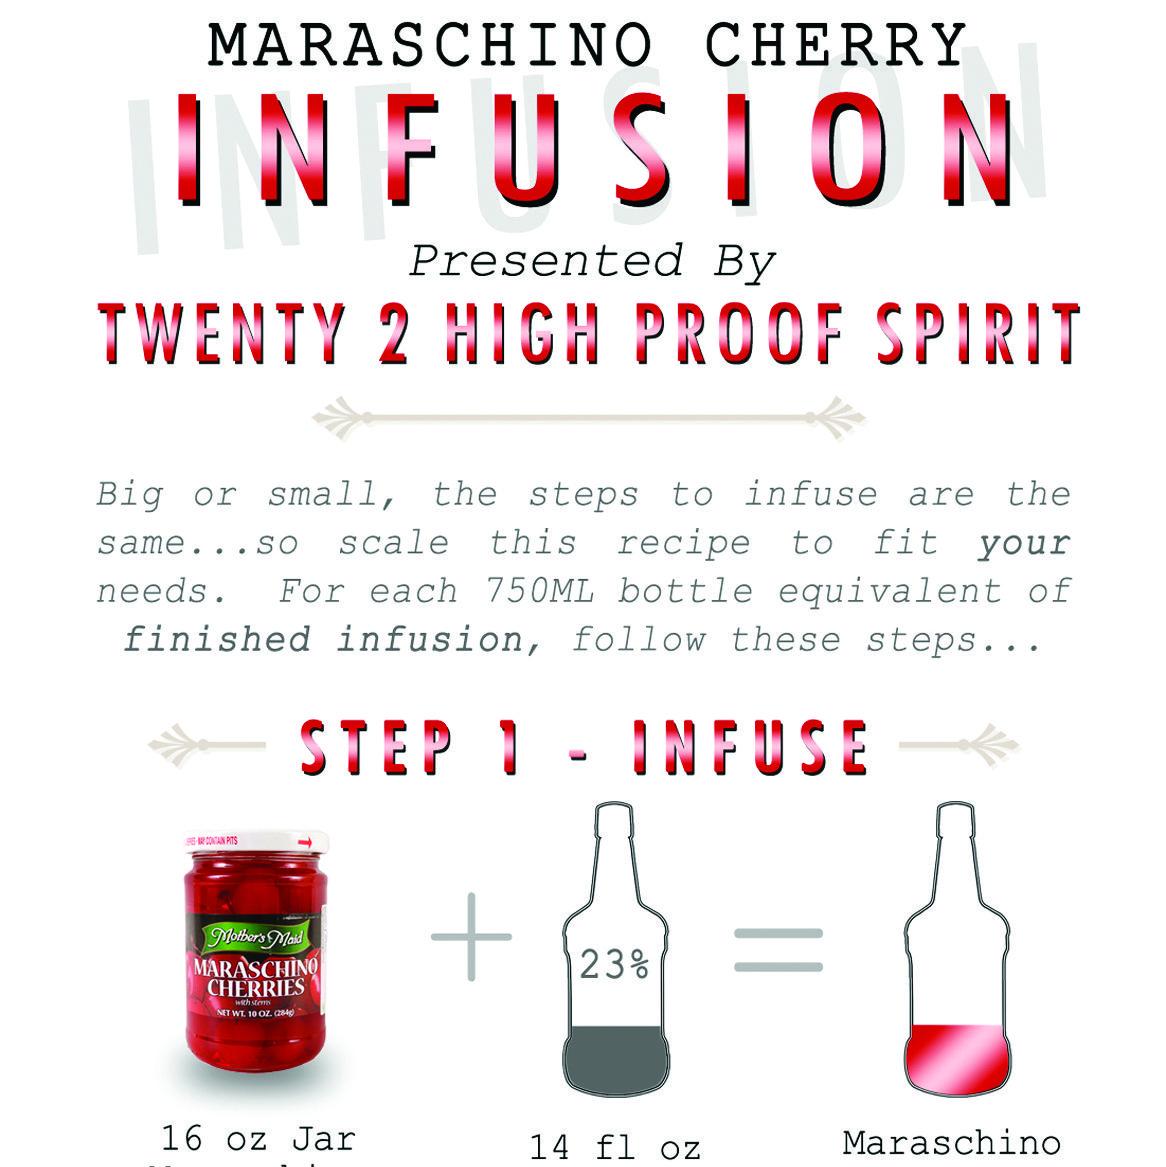 Maraschino Cherry Infused Vodka